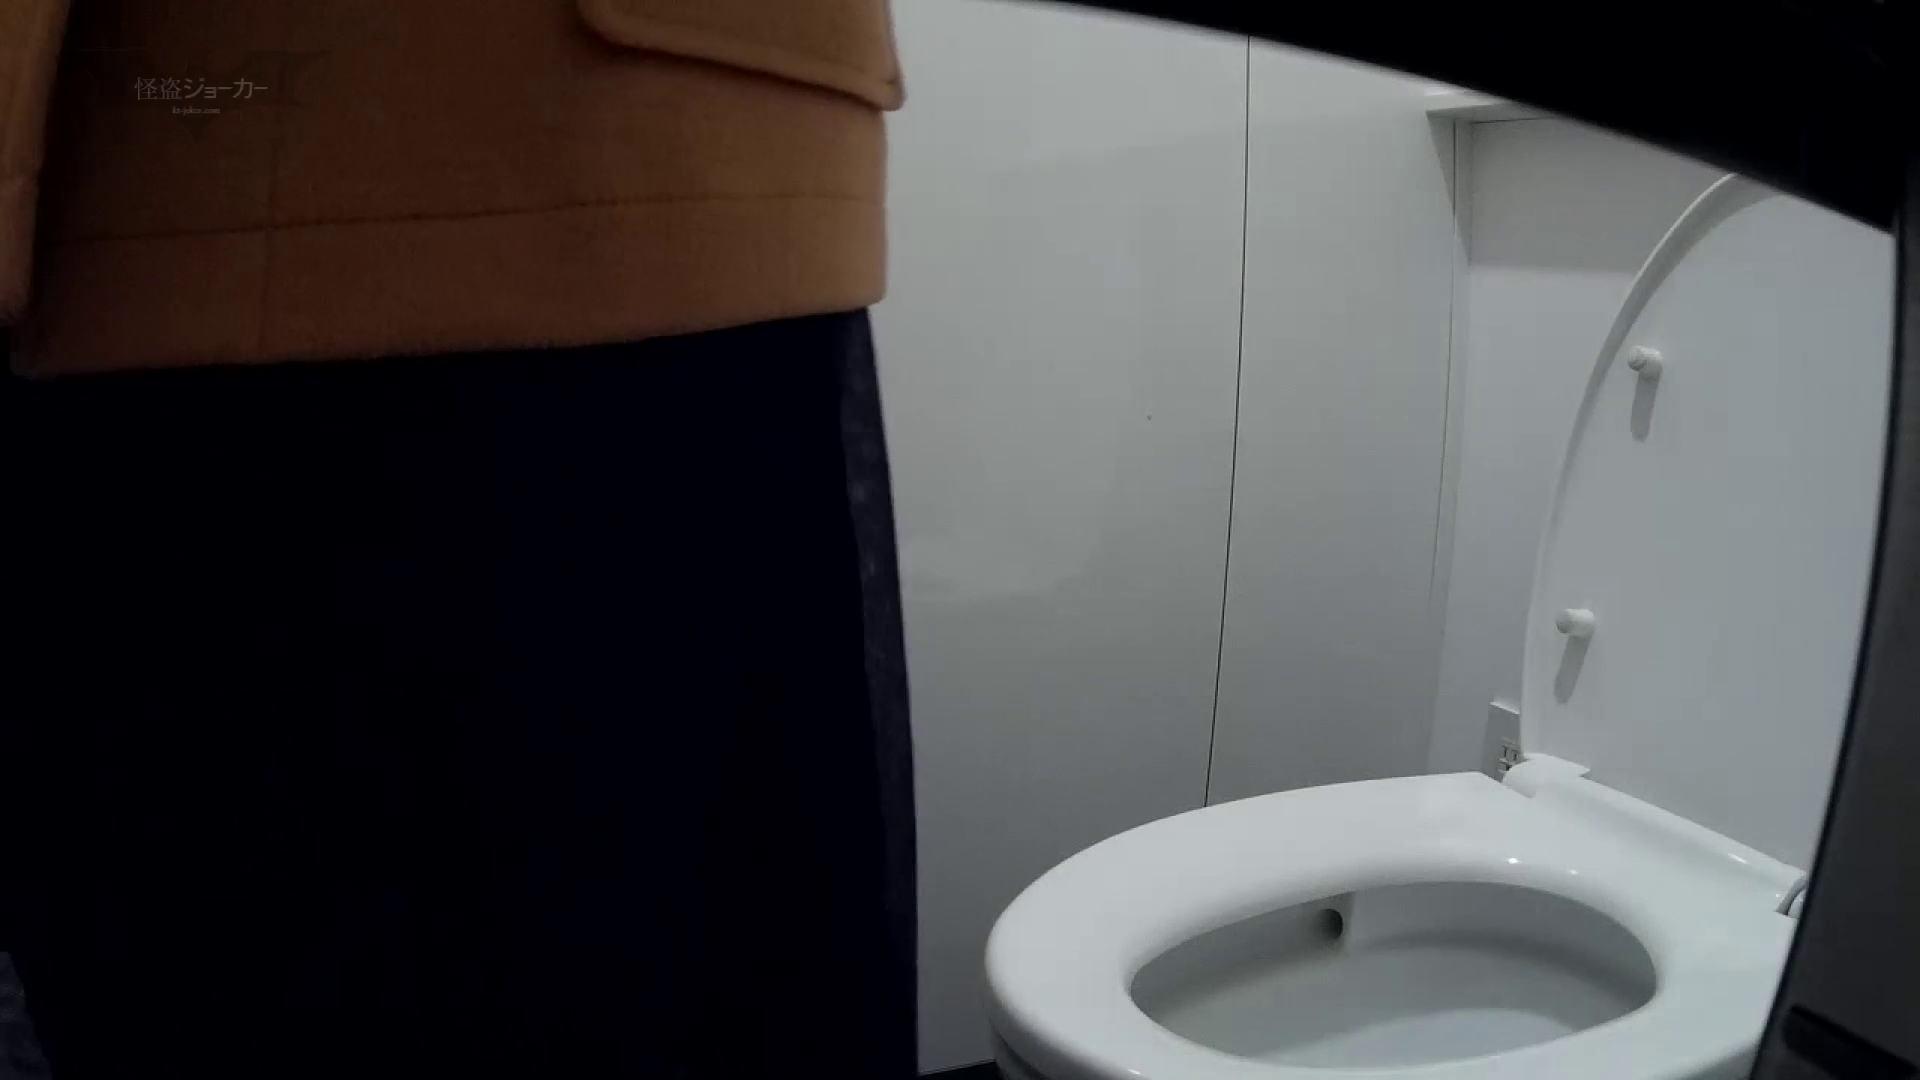 有名大学女性洗面所 vol.57 S級美女マルチアングル撮り!! 潜入 盗撮セックス無修正動画無料 103pic 52